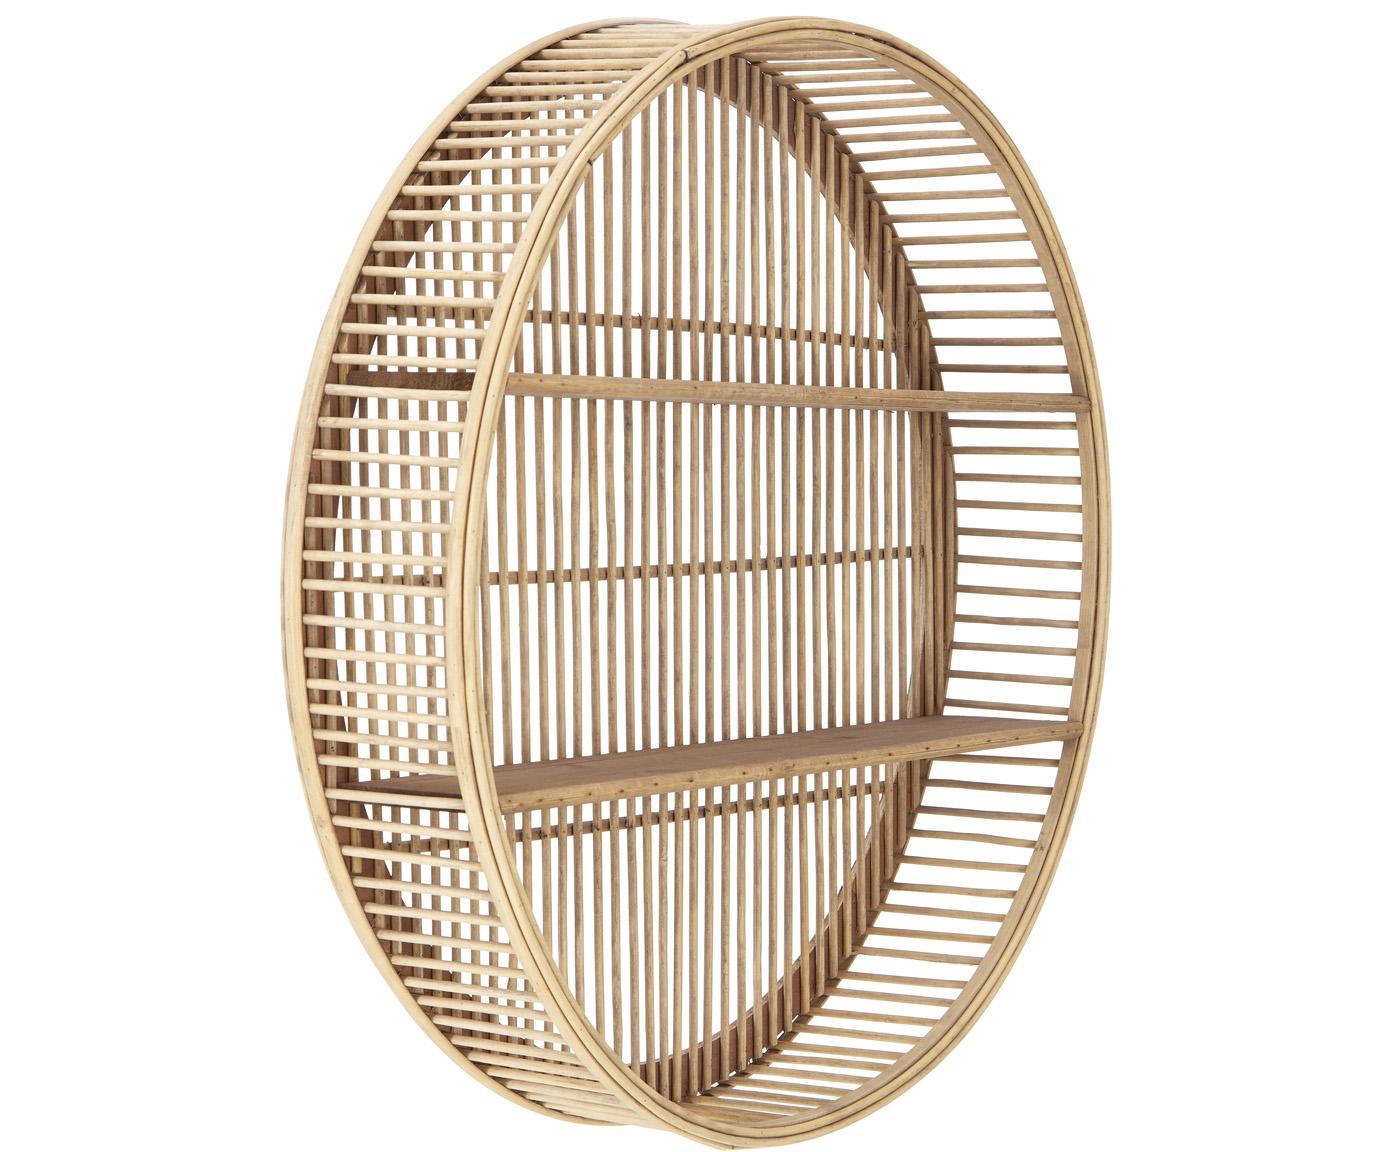 Mensola in bambù rotonda Bentra, Cornice: bambù, rattan, Ripiani: compensato, Beige scuro, Ø 60 x Alt. 12 cm